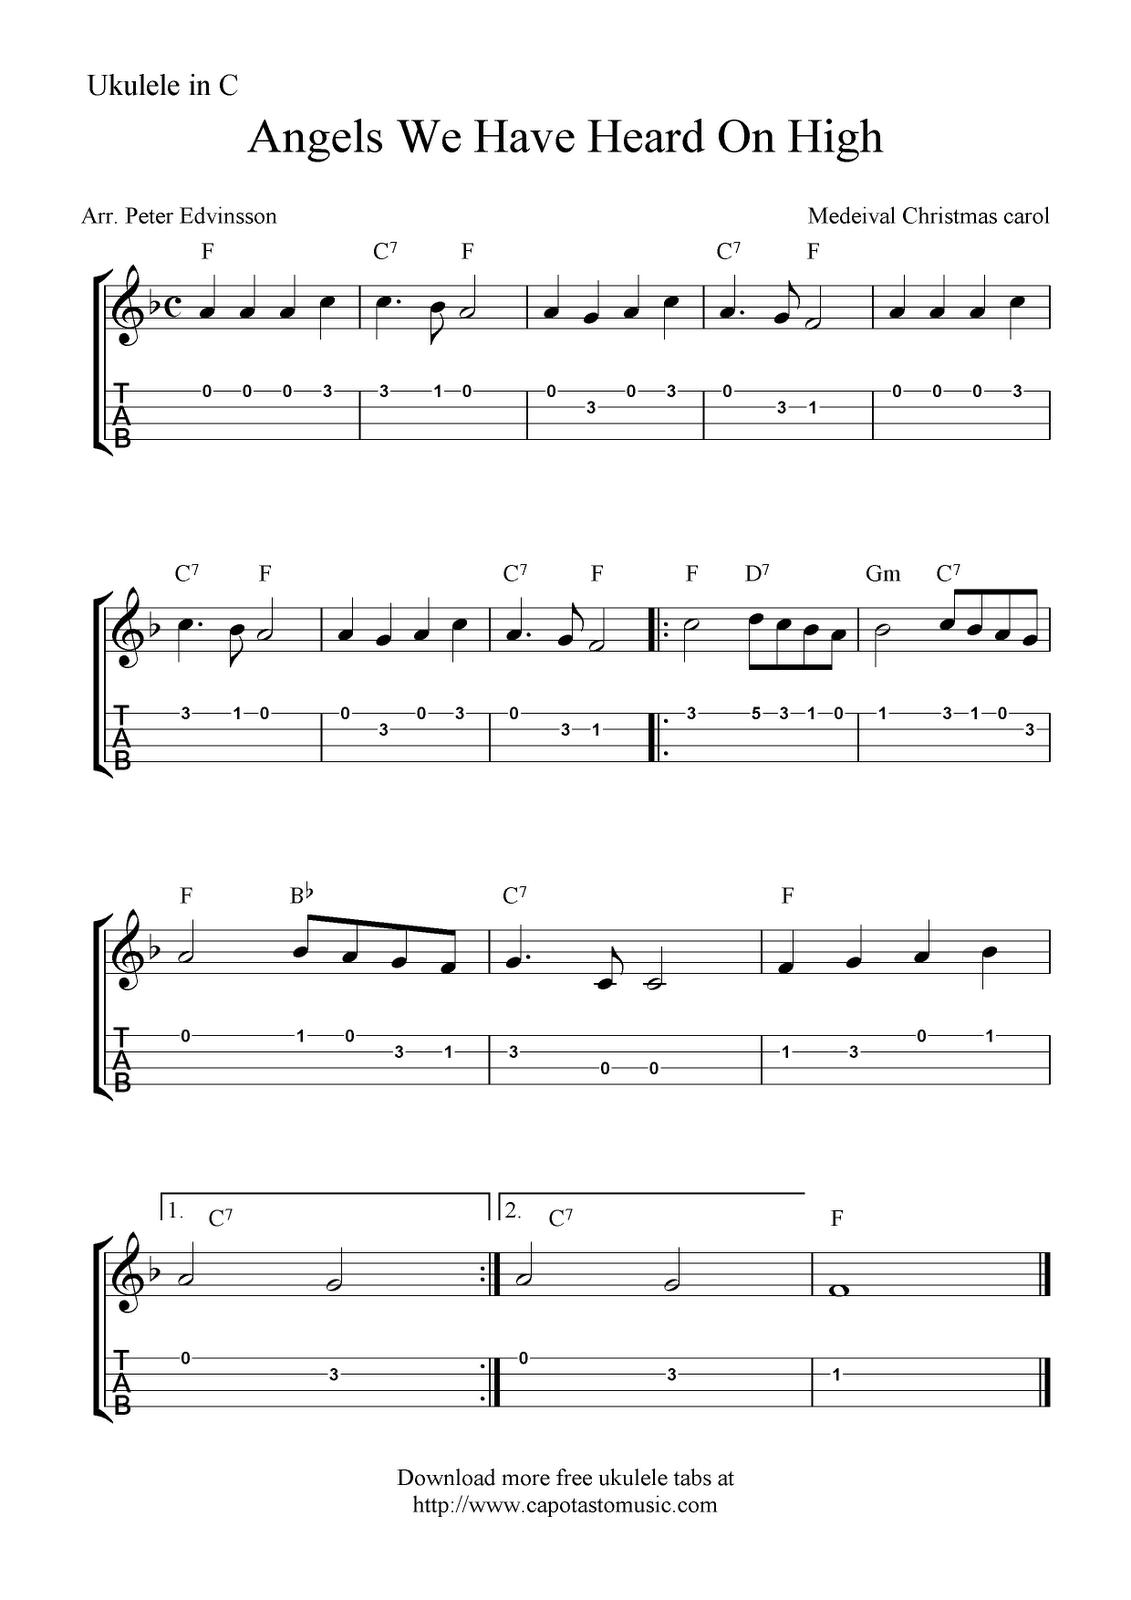 Angels We Have Heard On High Ukulele Sheet Music Free